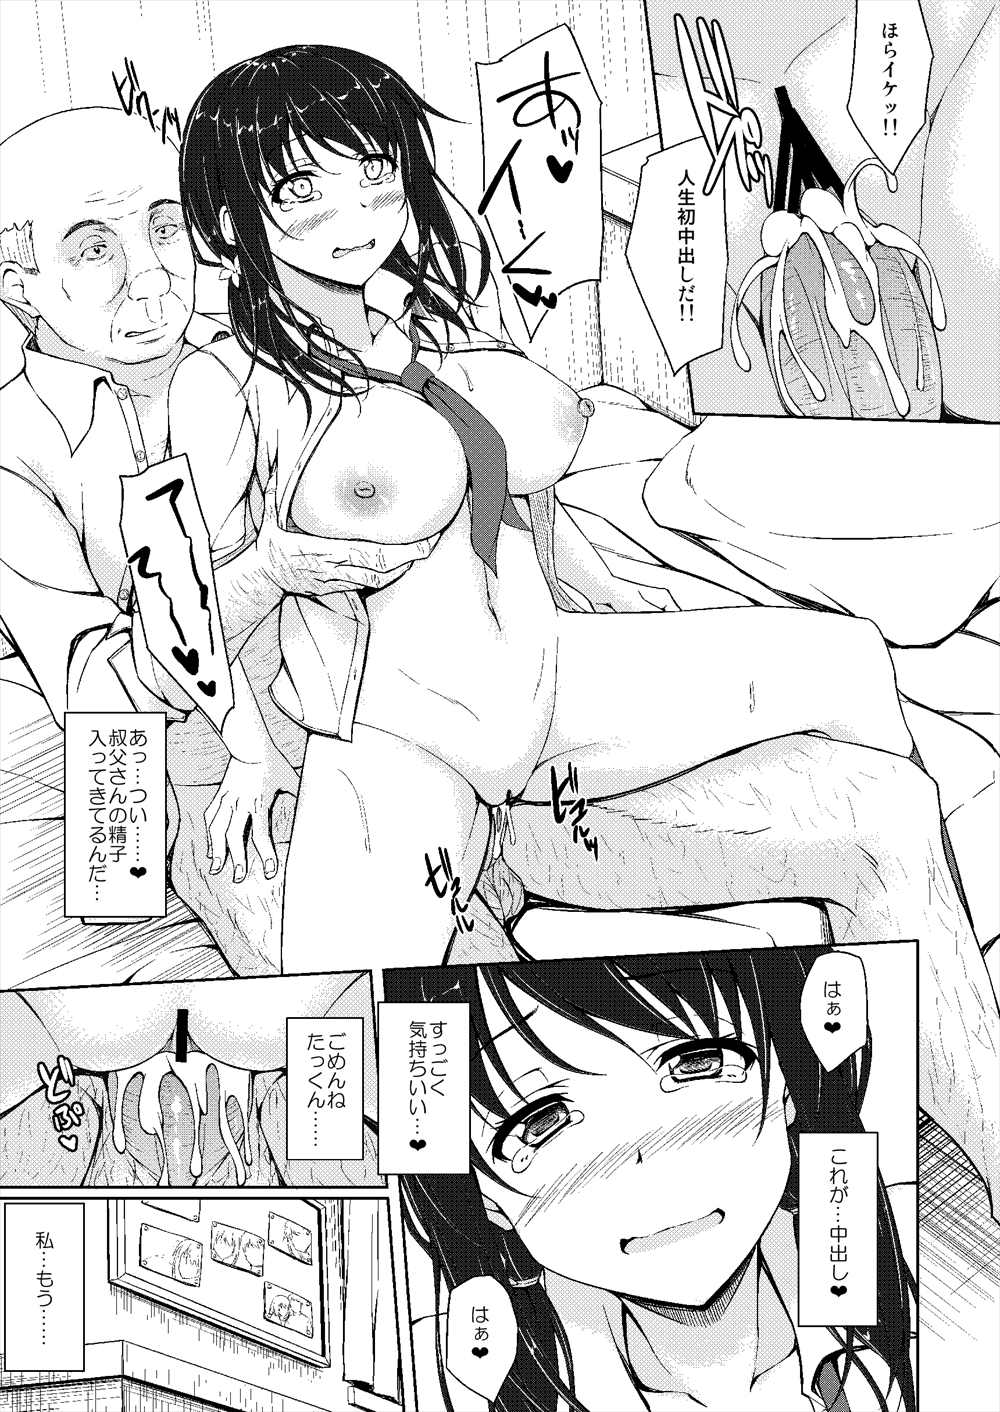 汚いおっさんに犯される少女の画像 part78 [無断転載禁止]©bbspink.comYouTube動画>1本 ->画像>612枚